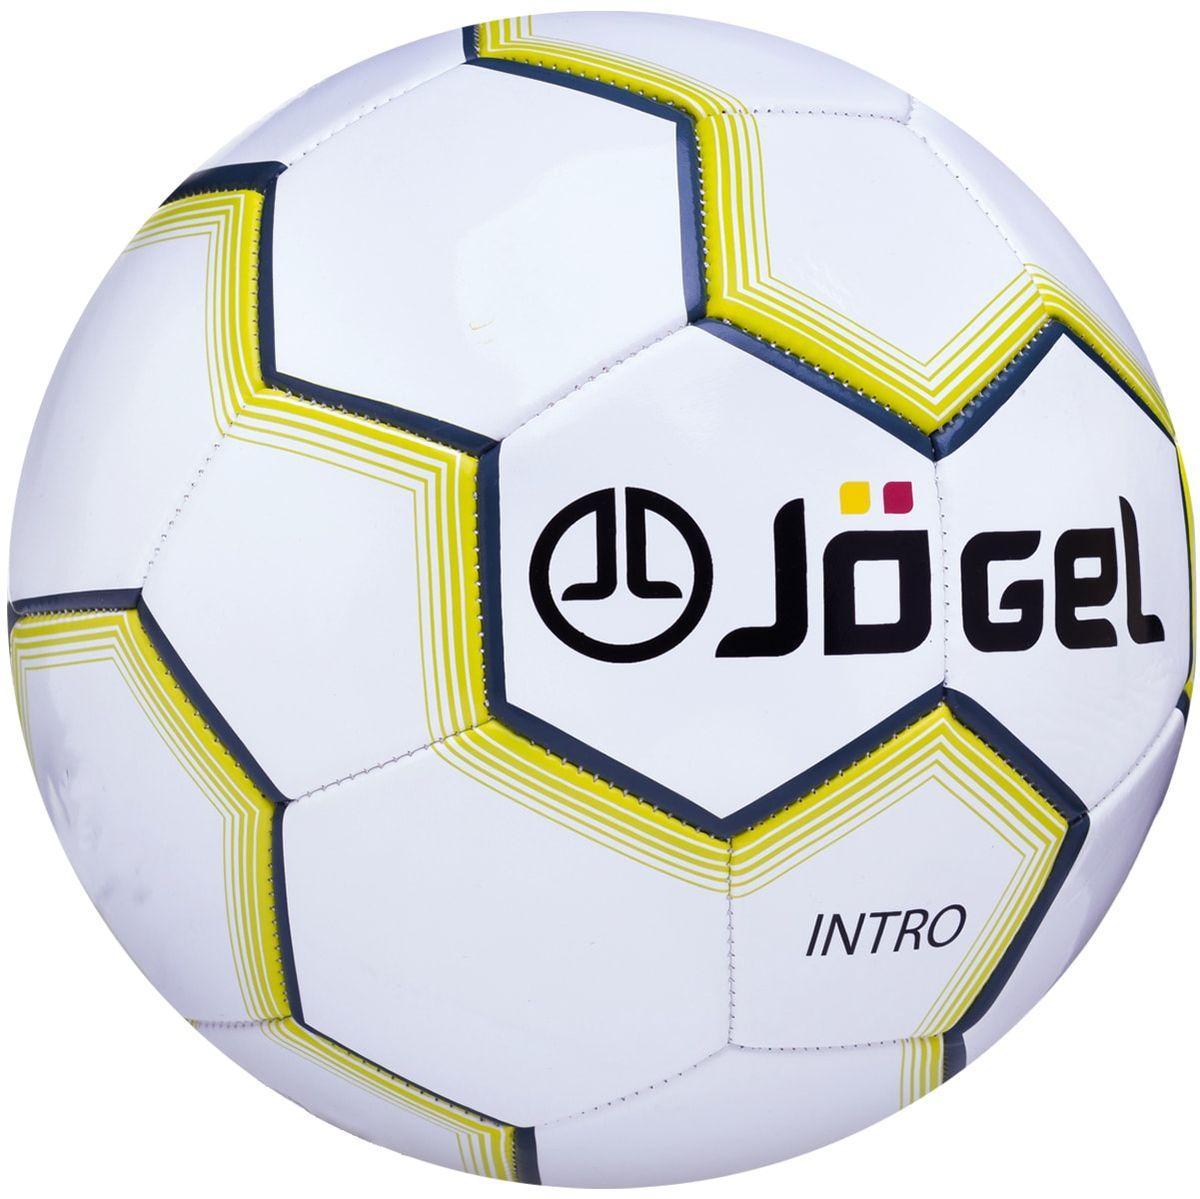 Мяч футбольный Jogel Intro, цвет: белый. Размер 5. JS-100УТ-00011388Категория: Мячи футбольные Уровень: Любительский Jogel - любительский футбольный мяч, который сочетает в себе простоту конструкции, контрастные графические элементы и самую низкую стоимость в линейки футбольных мячей Jogel. По своим характеристикам подходит как детям, так и взрослым. Поверхность мяча выполнена из синтетической кожи (поливинилхлорид) толщиной 2,0 мм. Мяч имеет 2 подкладочных слоя и оснащен бутиловой камерой, обеспечивающей долгое сохранение воздуха в камере. Данный мяч рекомендован для любительской игры и тренировок любительских команд. Основной цвет: Белый Дополнительный цвет: Черный/серый/желтый Рекомендованные покрытия: натуральный газон, синтетическая трава, резина, гаревые поля, паркет Материал поверхности: Синтетическая кожа (поливинилхлорид) толщиной 2,0 мм Материал камеры: Бутил Тип соединения панелей: Машинная сшивка Количество панелей: 32 Длина окружности: №5 - 68-70 см Вес: 410-450 гр Рекомендованное давление: 0.4-0.6 бар Производство: КНР